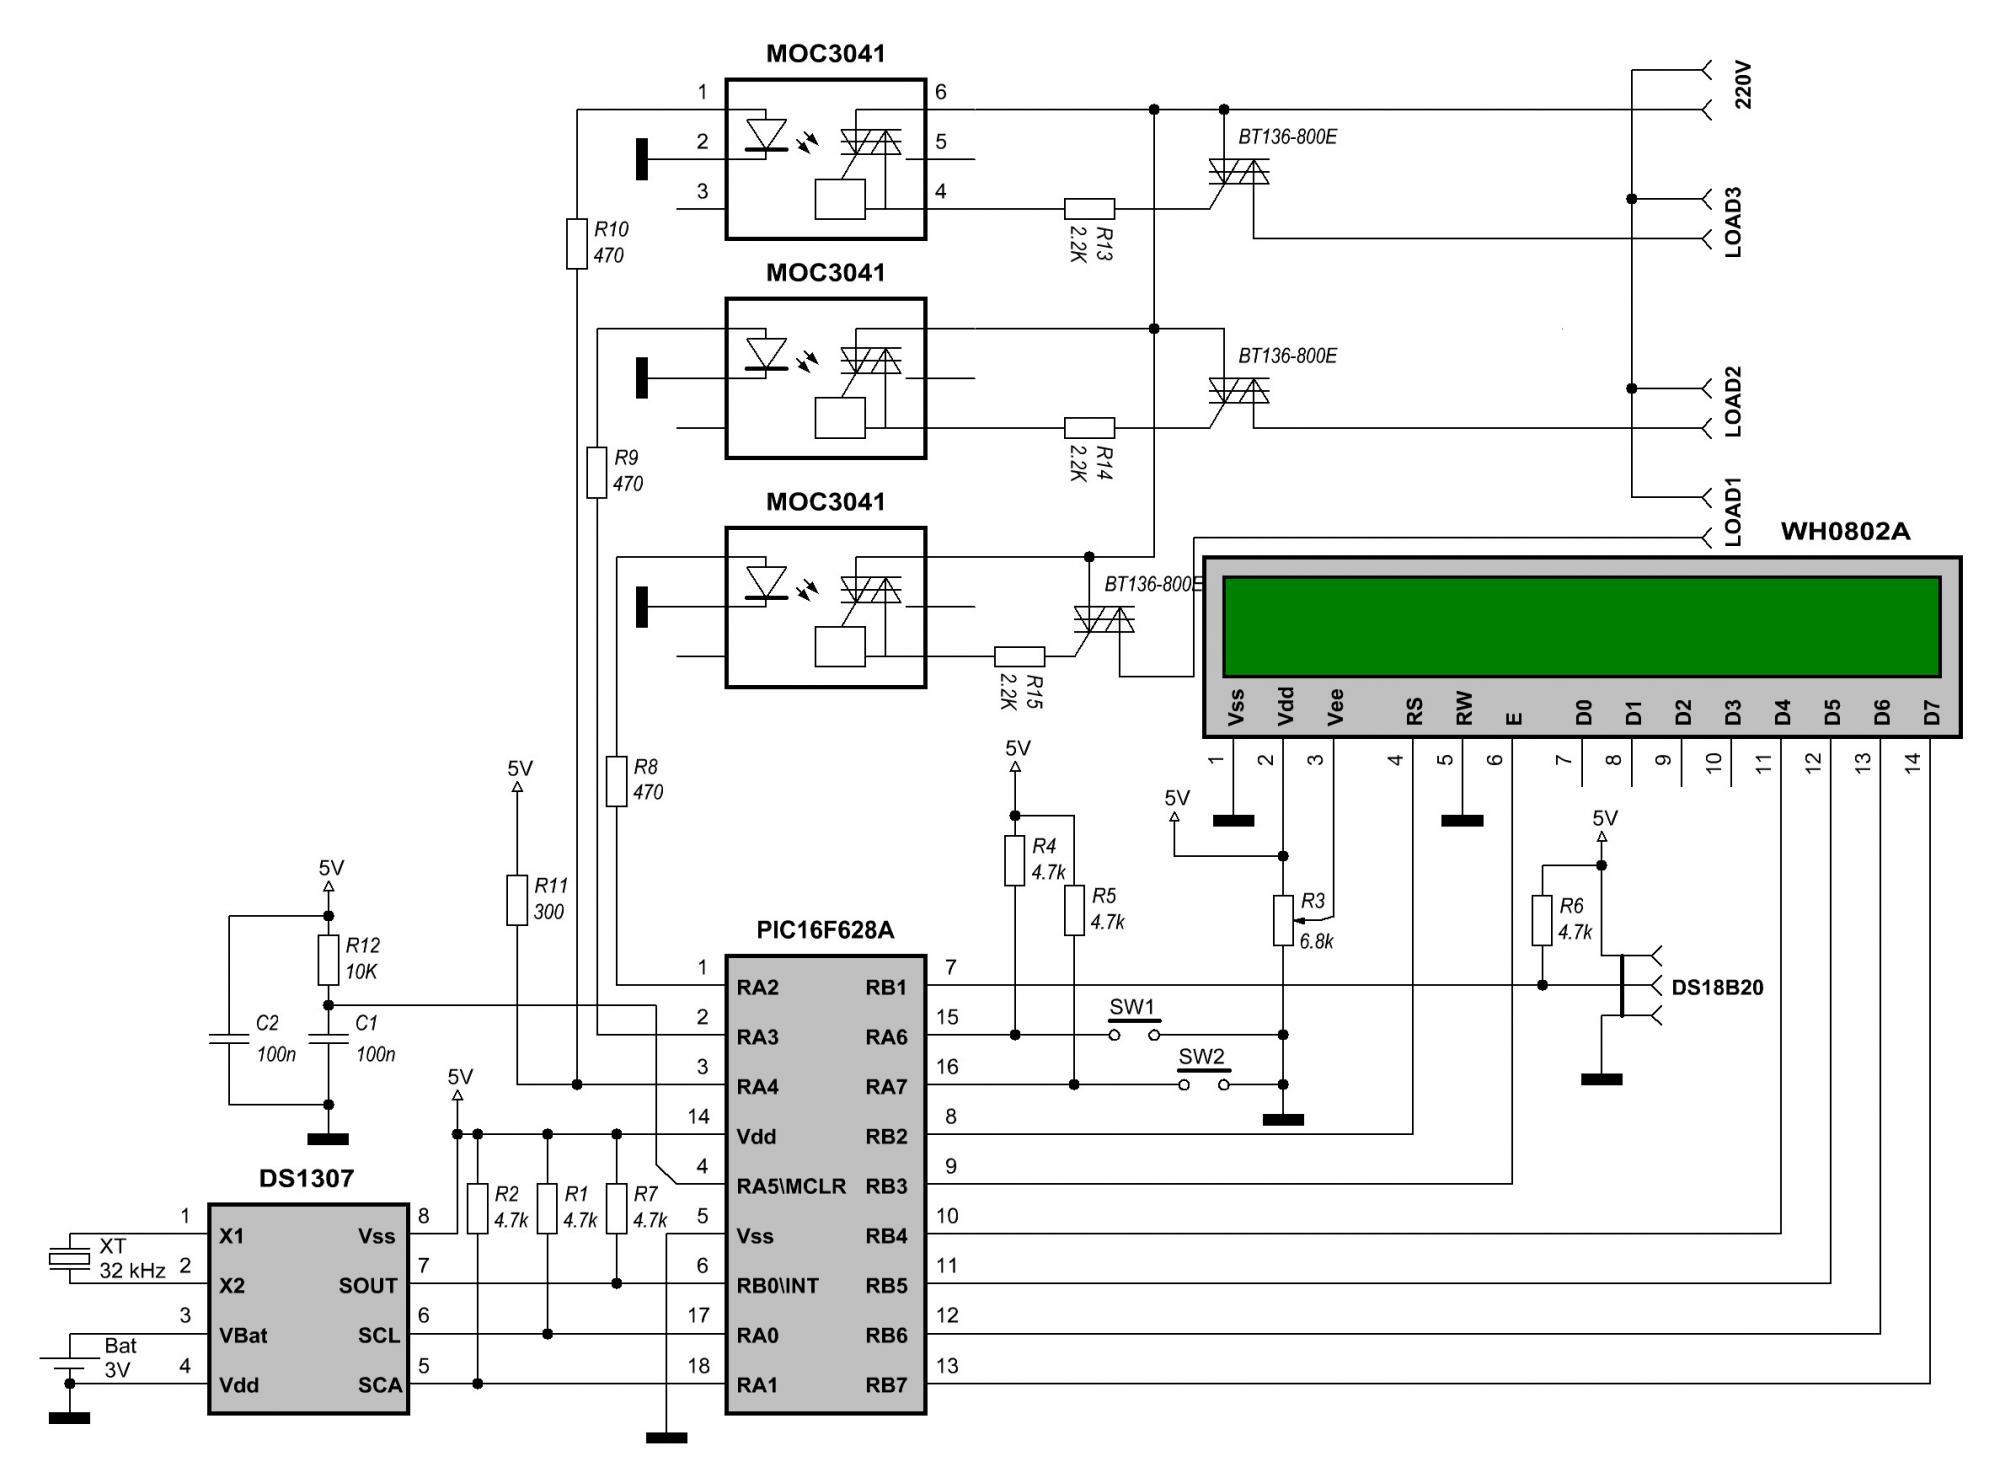 1к62 схема коробки передач 3